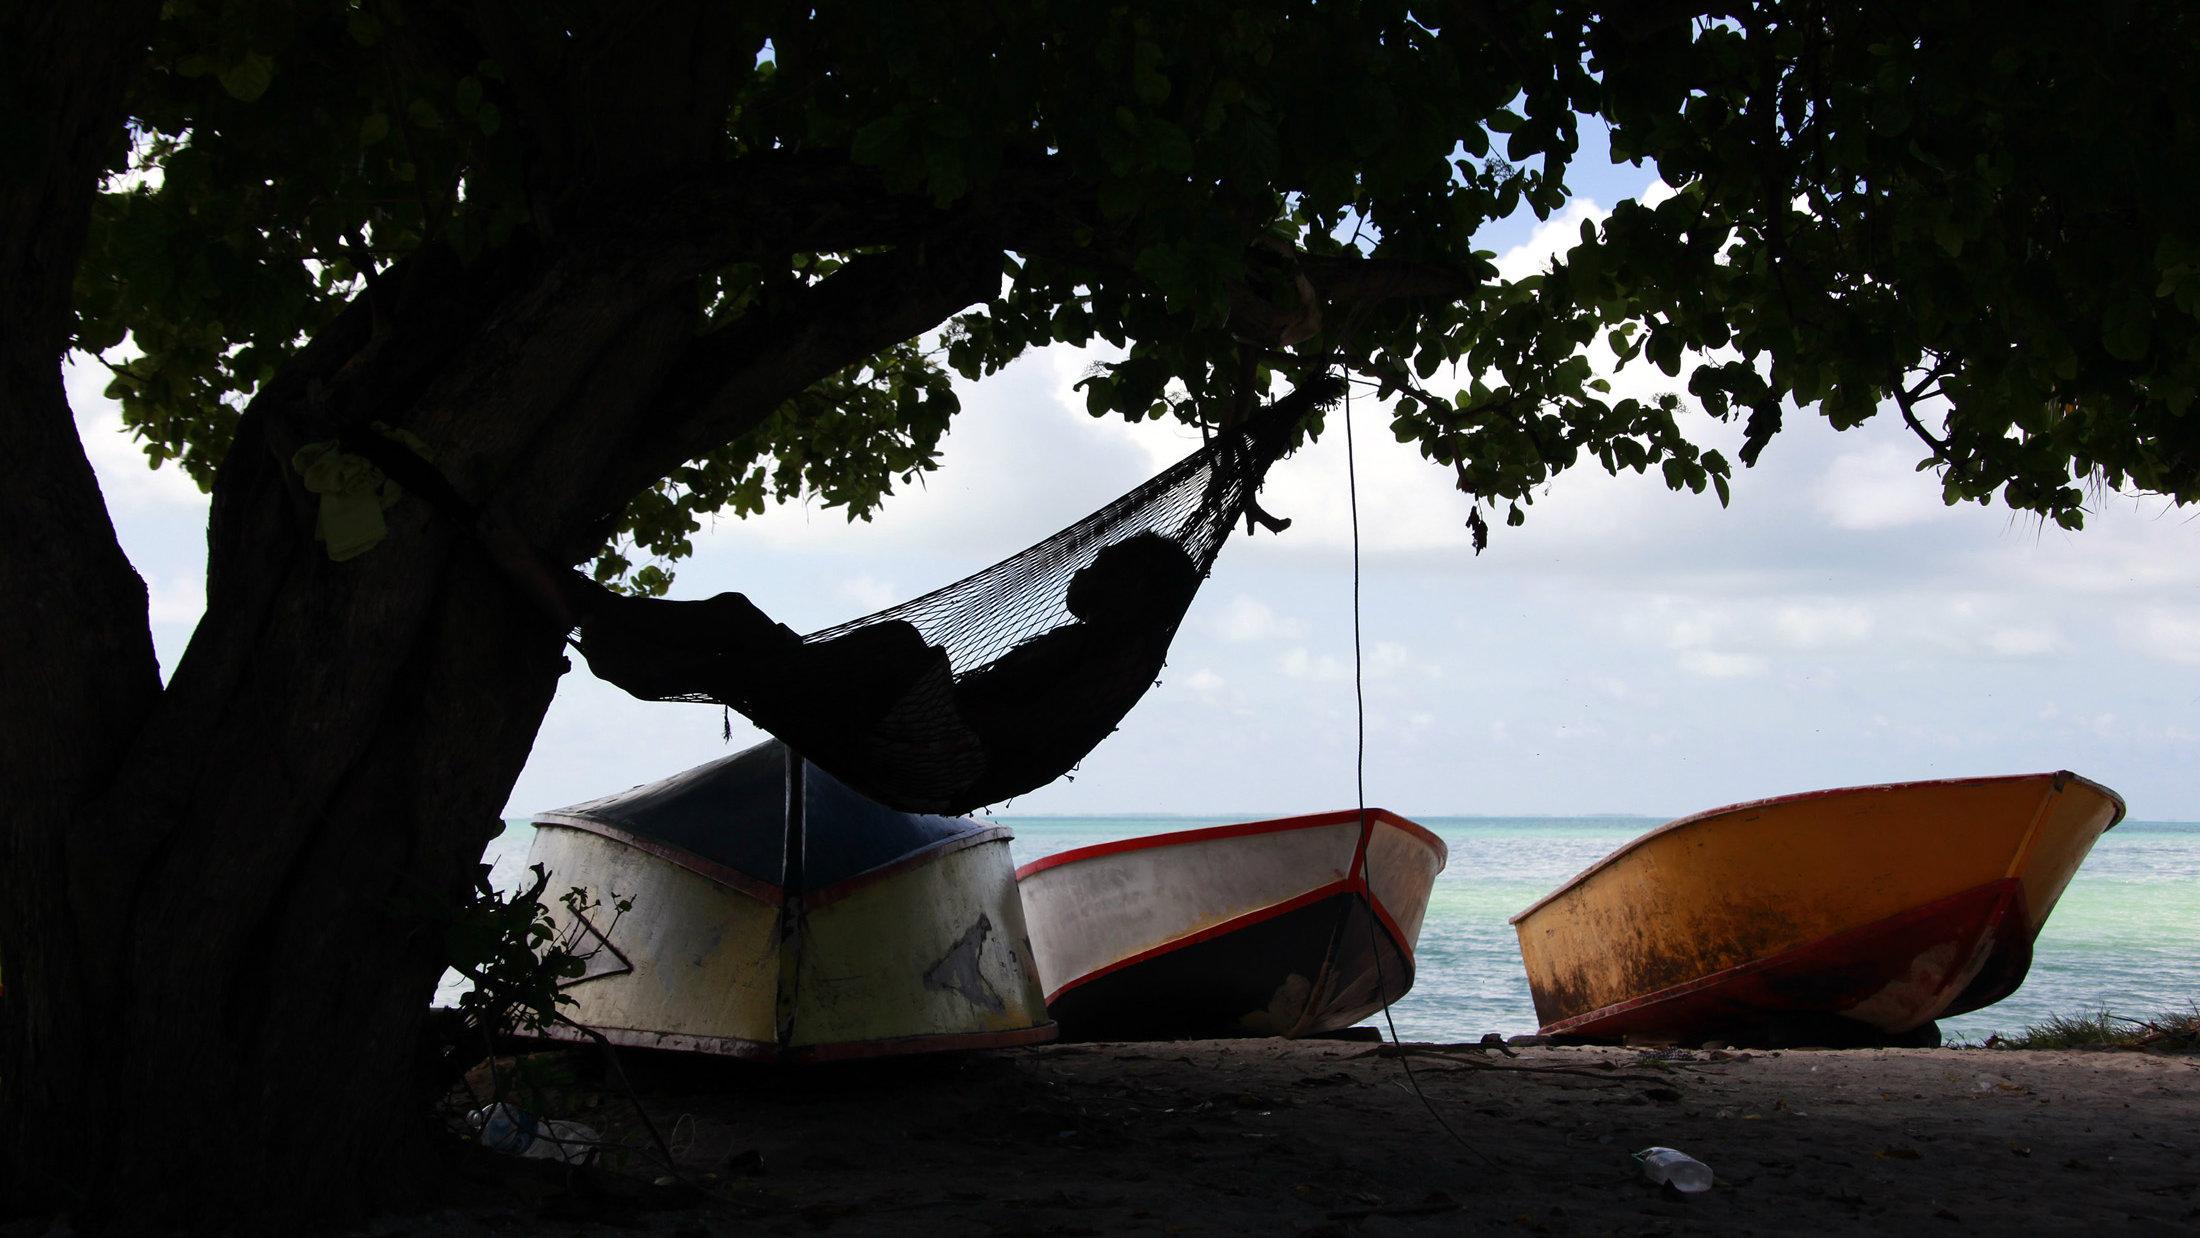 A man sleeps in a hammock next to fishing boats in the town of Bairki on South Tarawa in the central Pacific island nation of Kiribati May 23, 2013. REUTERS/David Gray (KIRIBATI - Tags: ENVIRONMENT SOCIETY POLITICS)